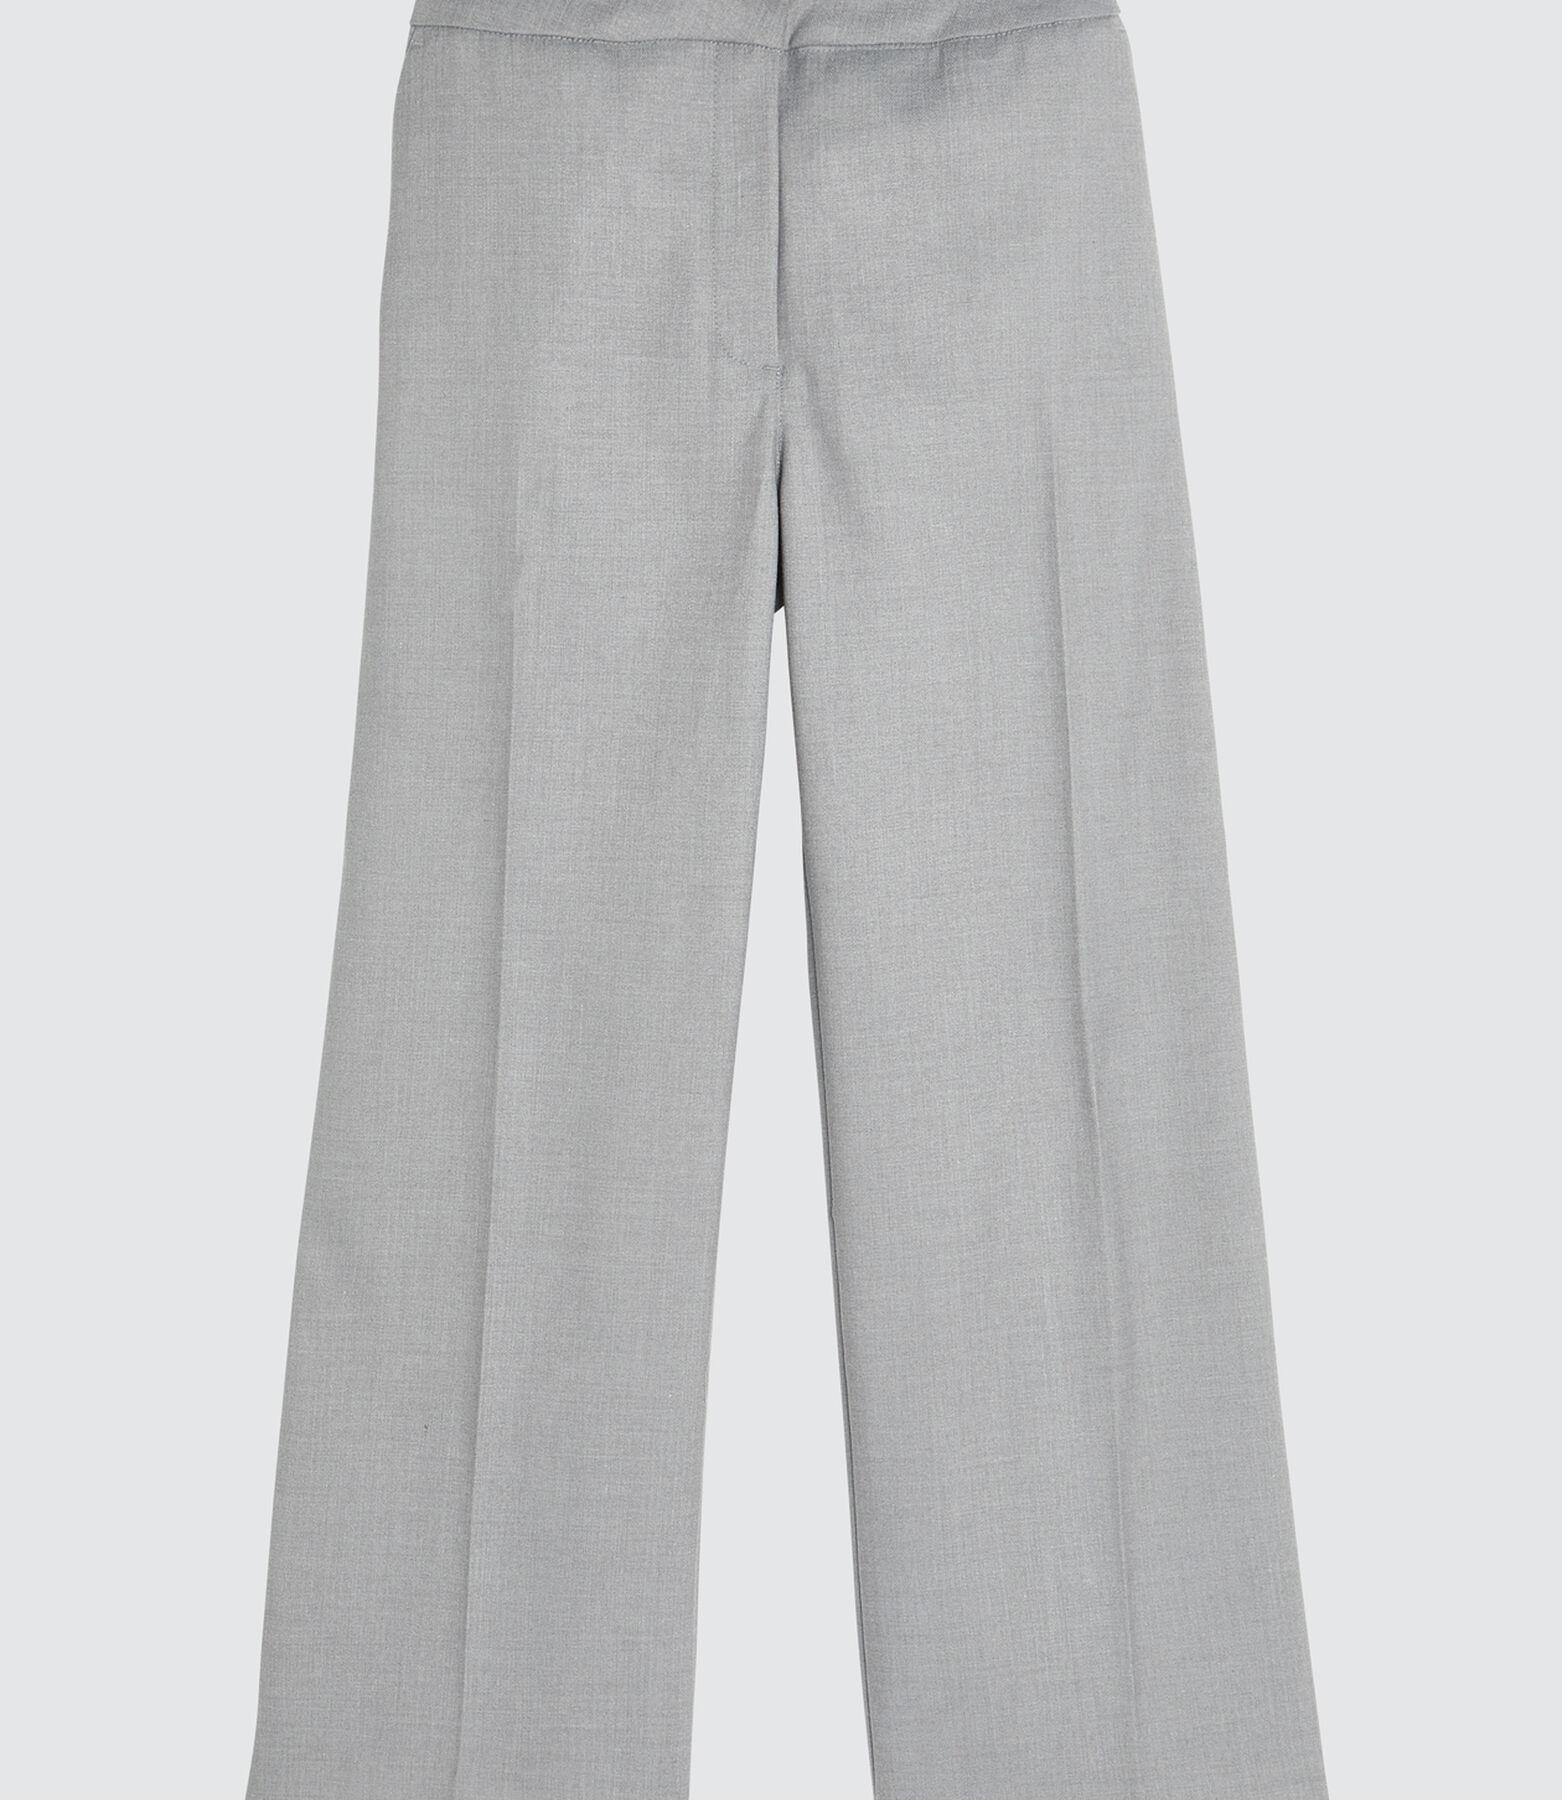 Pantalon à jambes larges uni